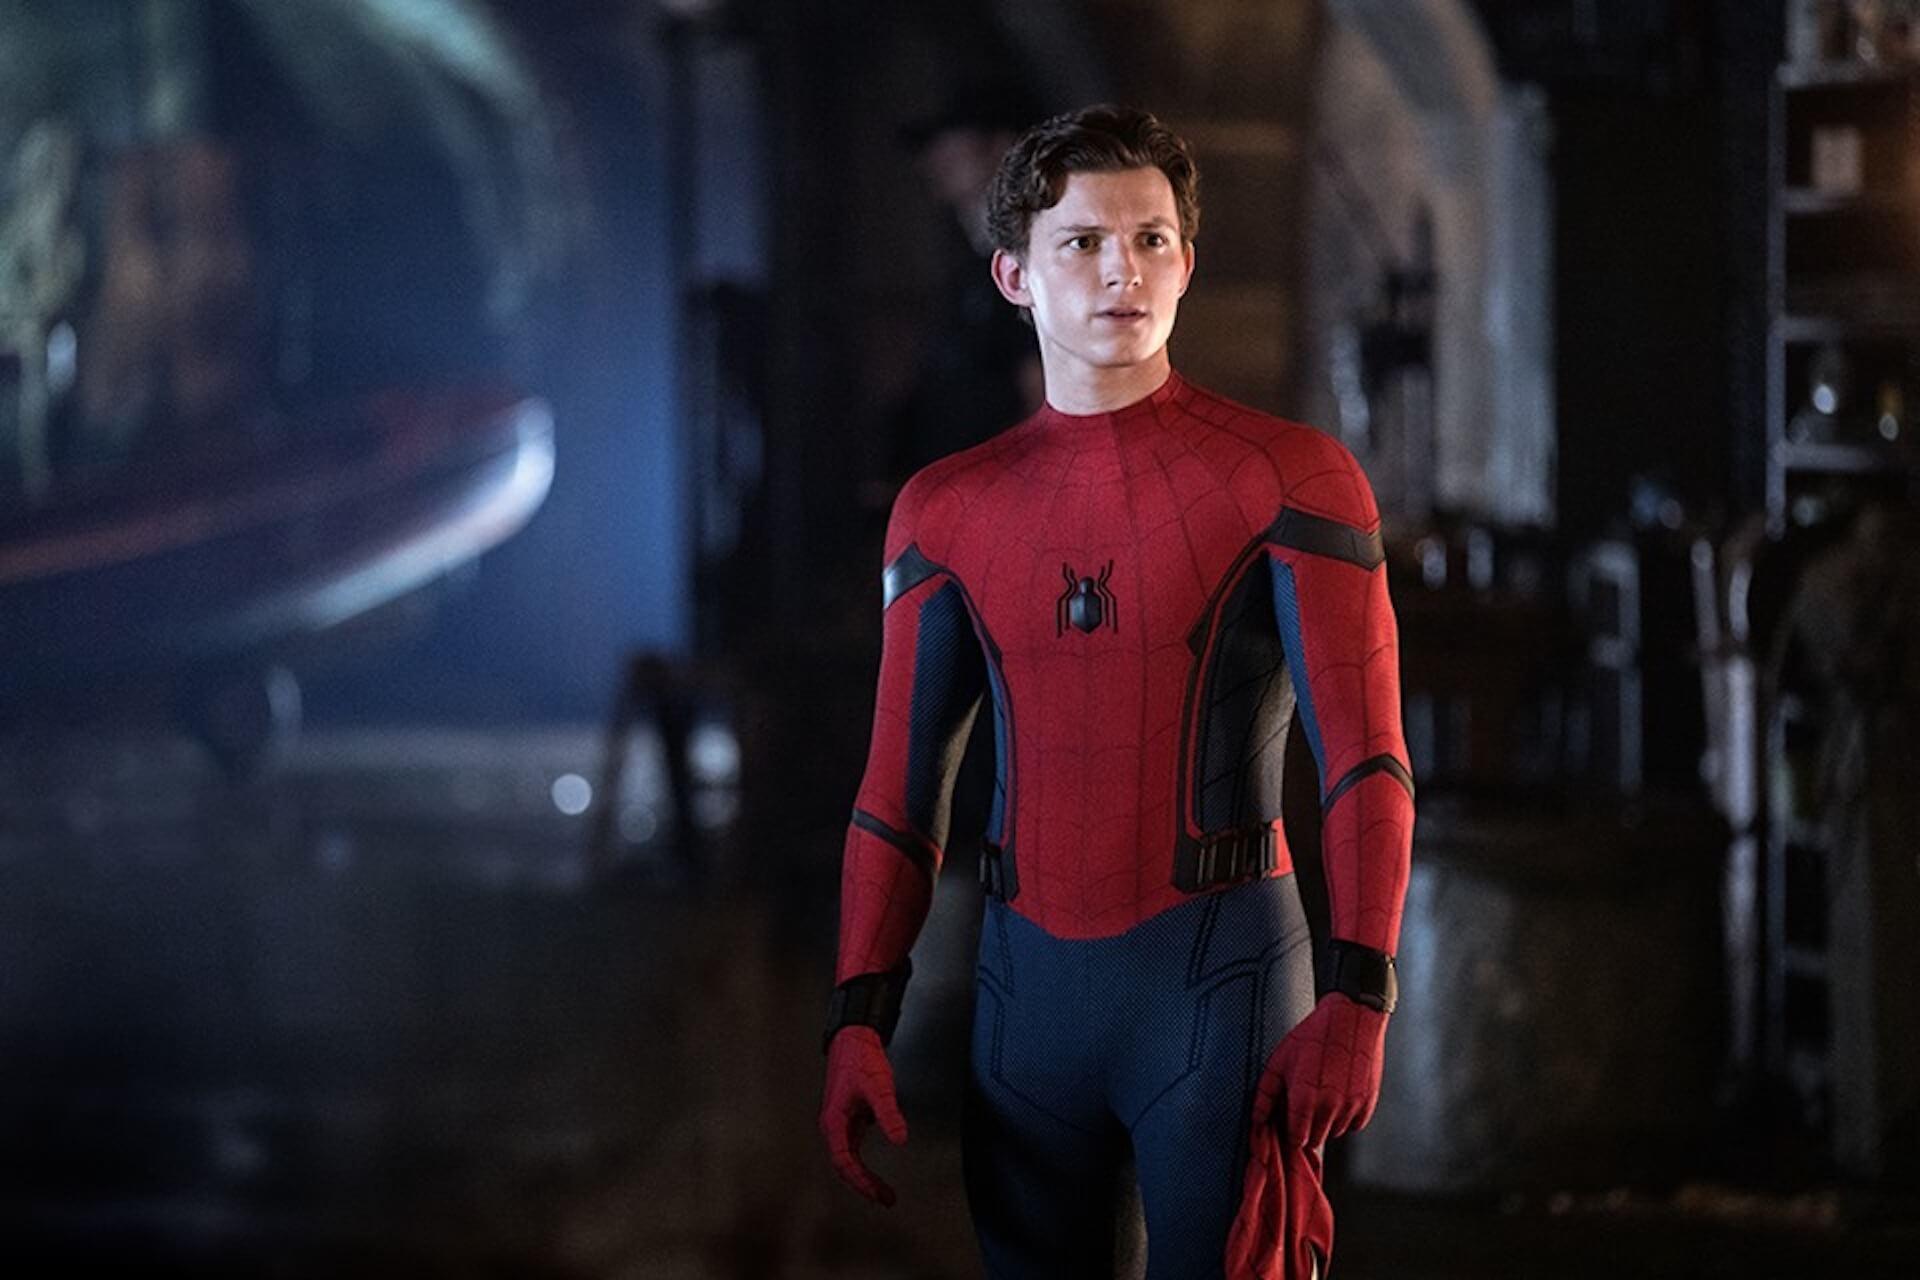 「スパイダーマン」トム・ホランドがまさか!?SNSで衝撃の姿を披露 film191009_spiderman_tomholland_main